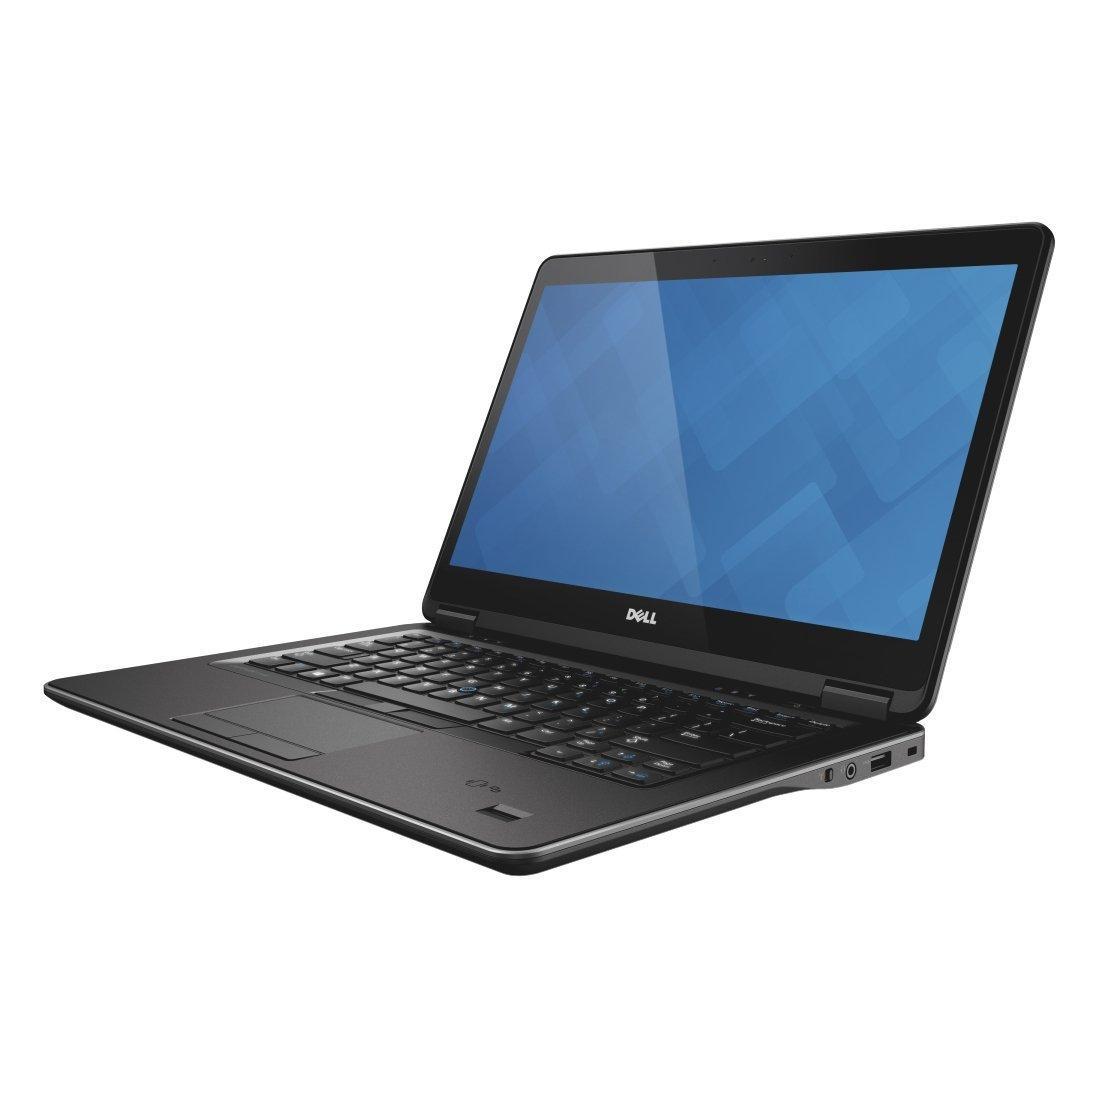 Dell Latitude E7440 14-inch (2014) - Core i7-4600U - 8 GB  - SSD 256 GB